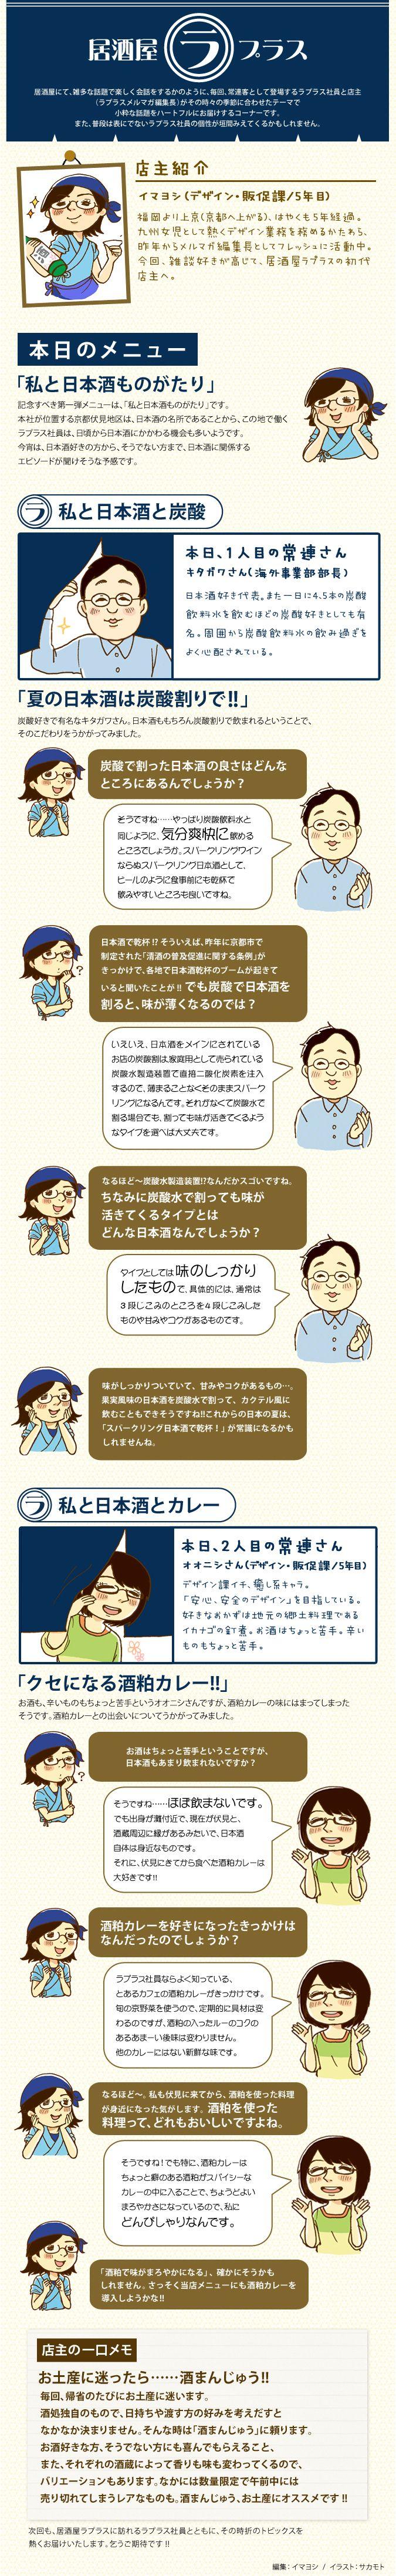 コラム記事01